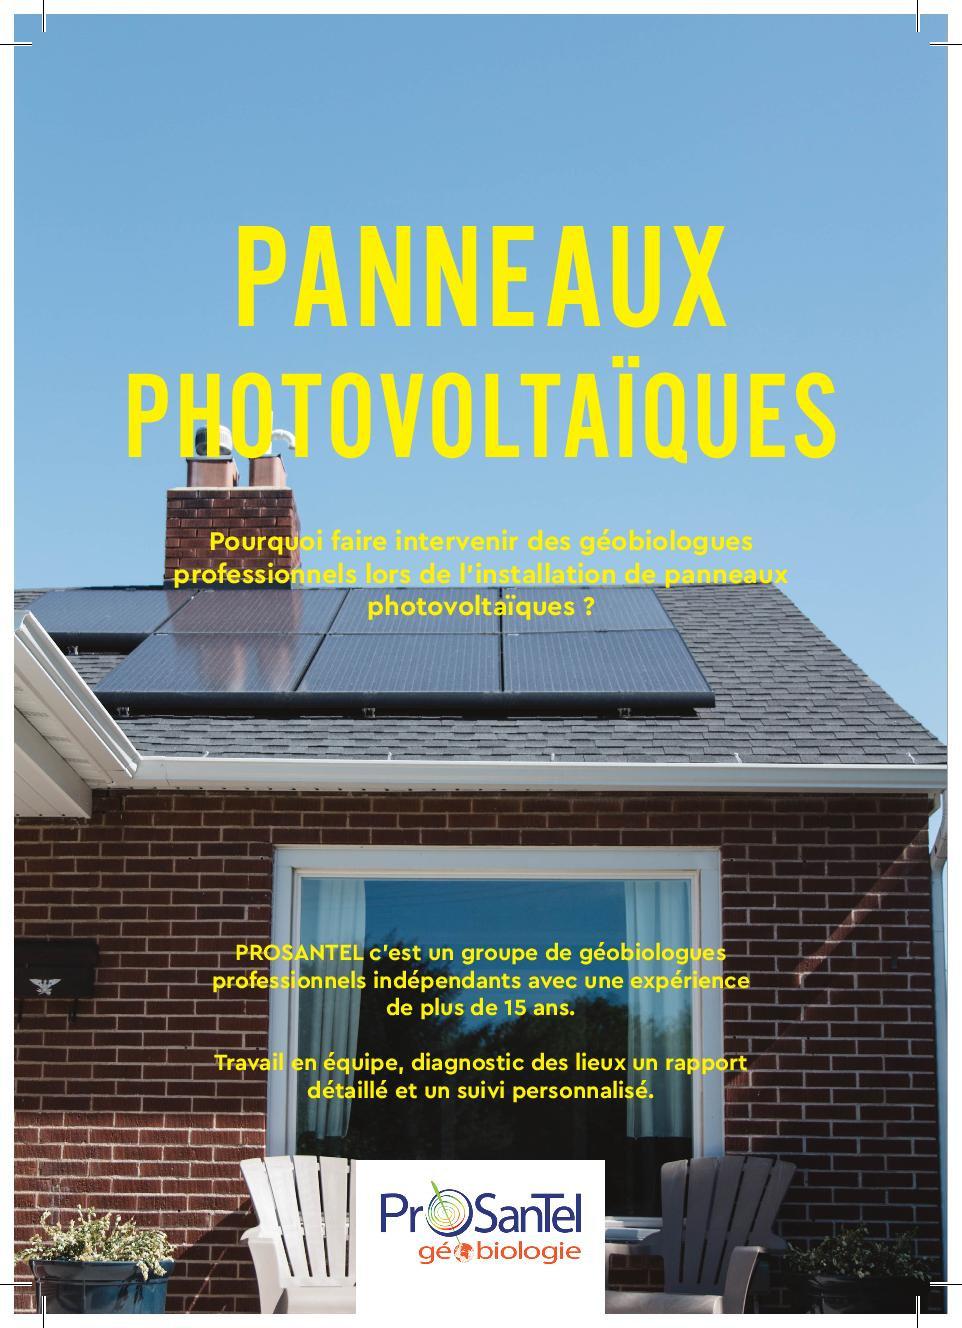 Panneaux_photovoltaïques_FINAL_A5-page-